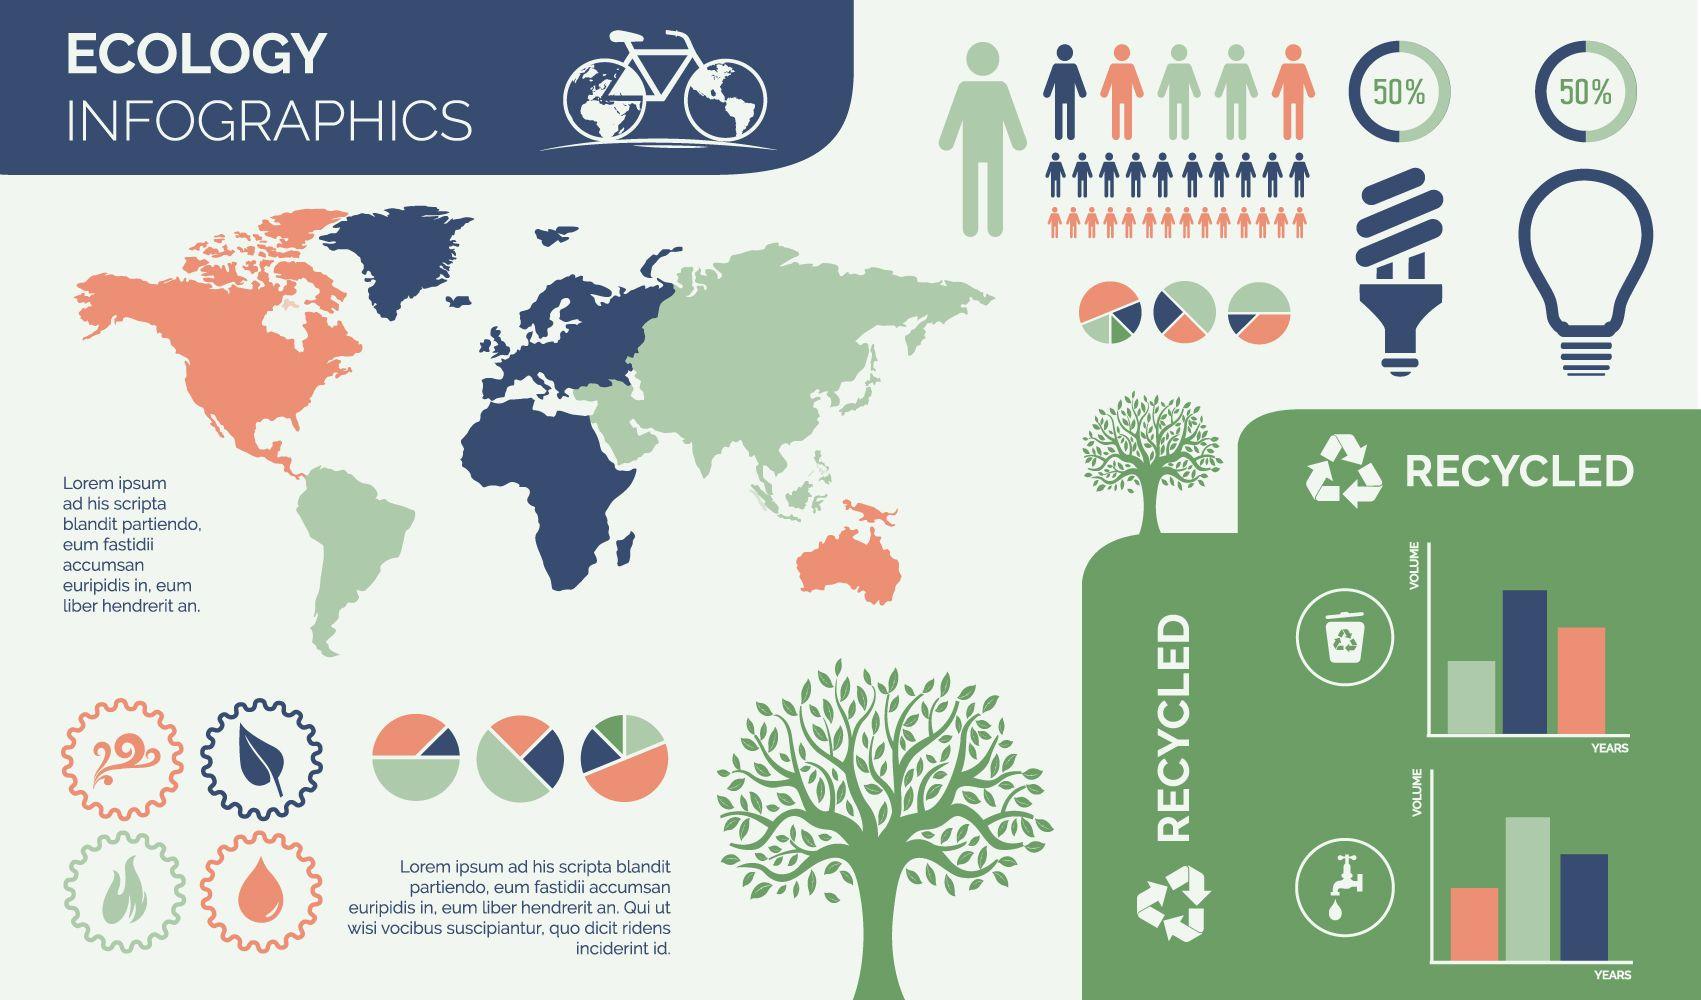 Diseño de infografía de ecología ambiental